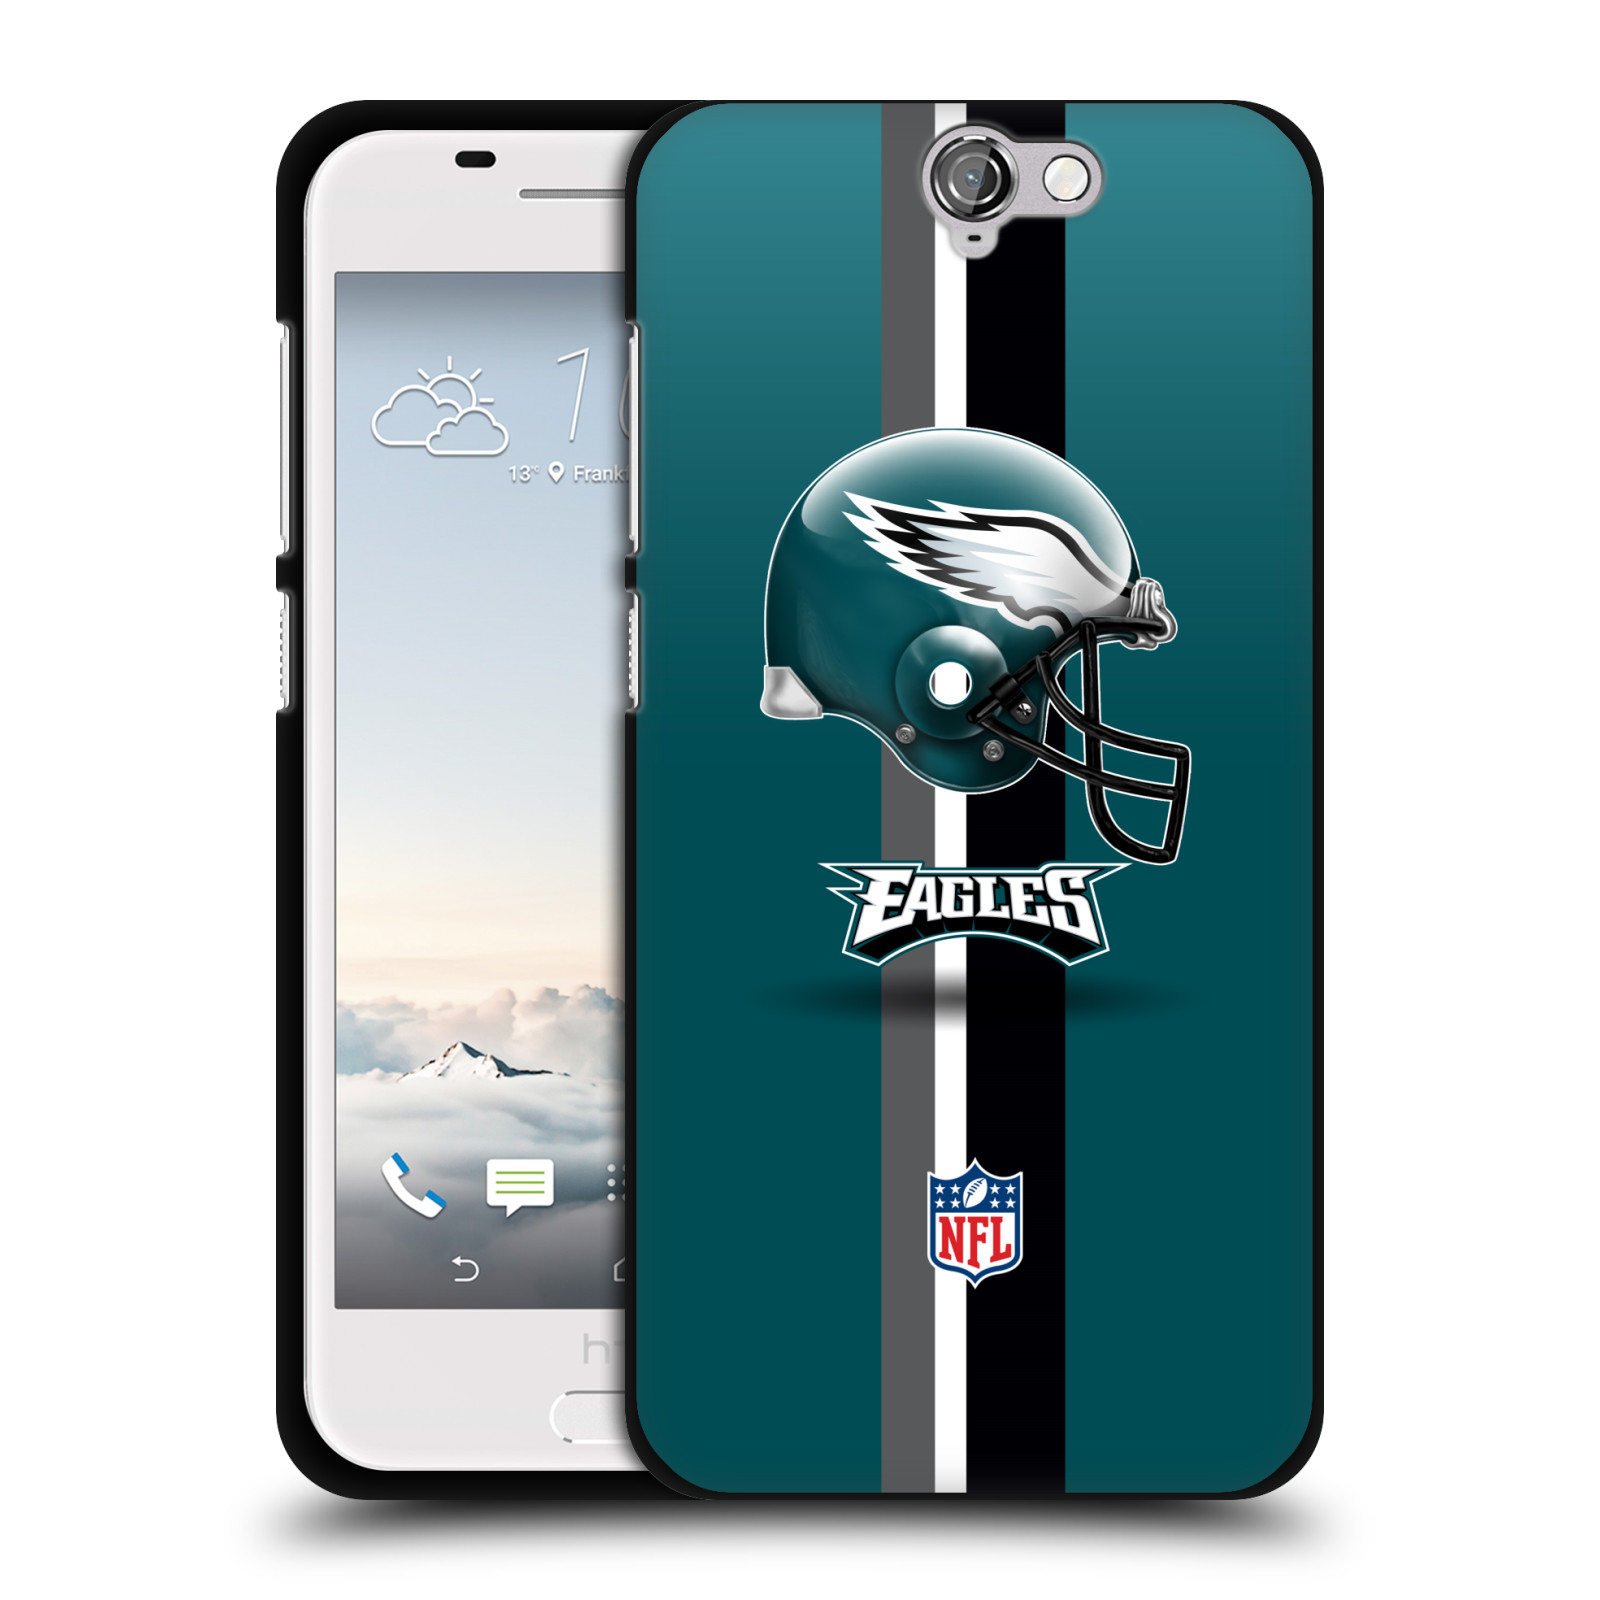 OFFICIAL-NFL-PHILADELPHIA-EAGLES-LOGO-BLACK-SOFT-GEL-CASE-FOR-HTC-PHONES